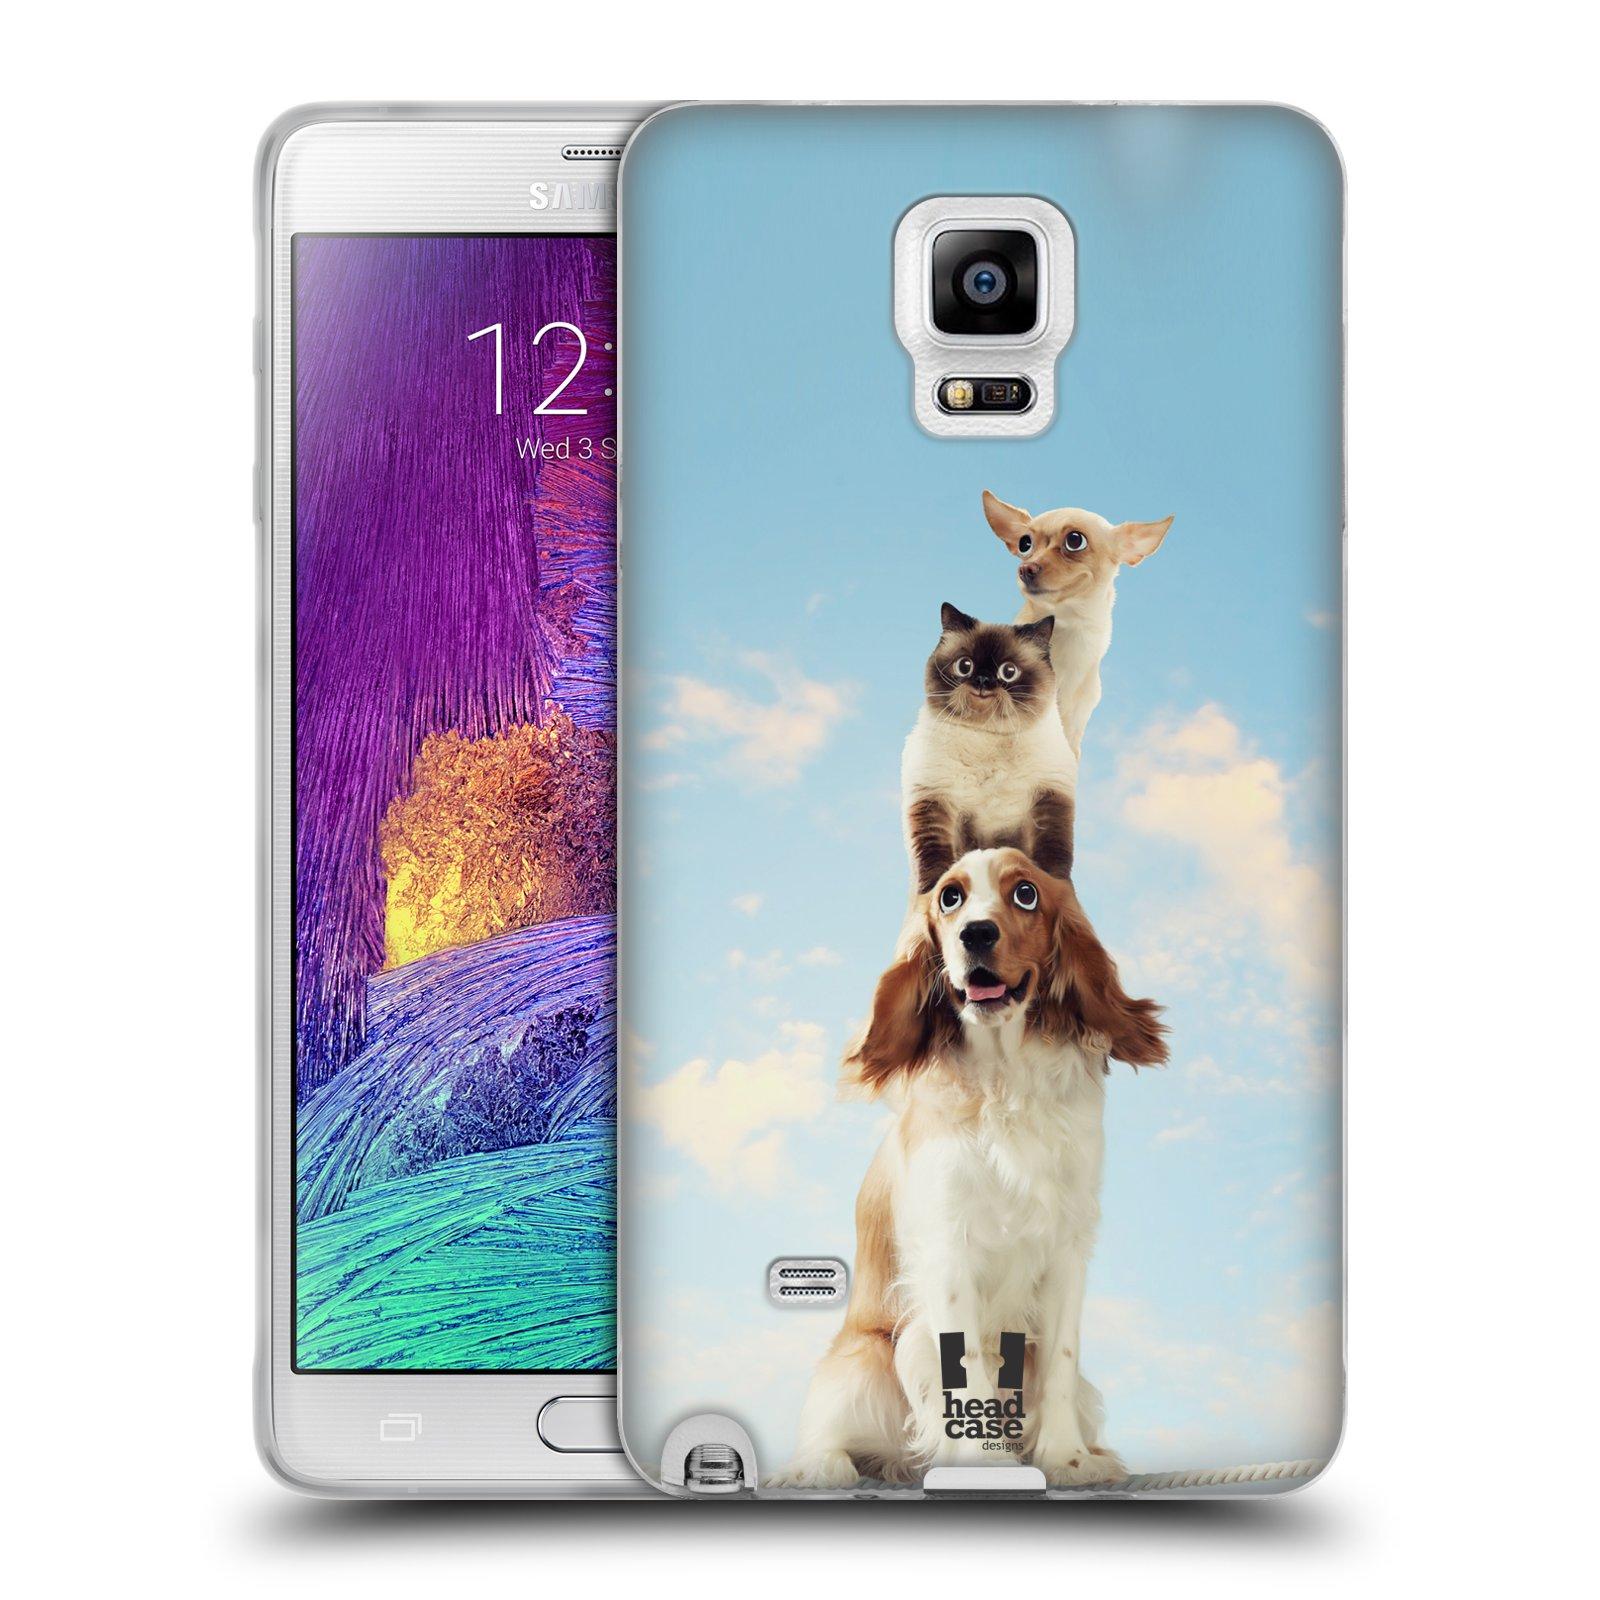 HEAD CASE silikonový obal na mobil Samsung Galaxy Note 4 (N910) vzor Legrační zvířátka zvířecí totem